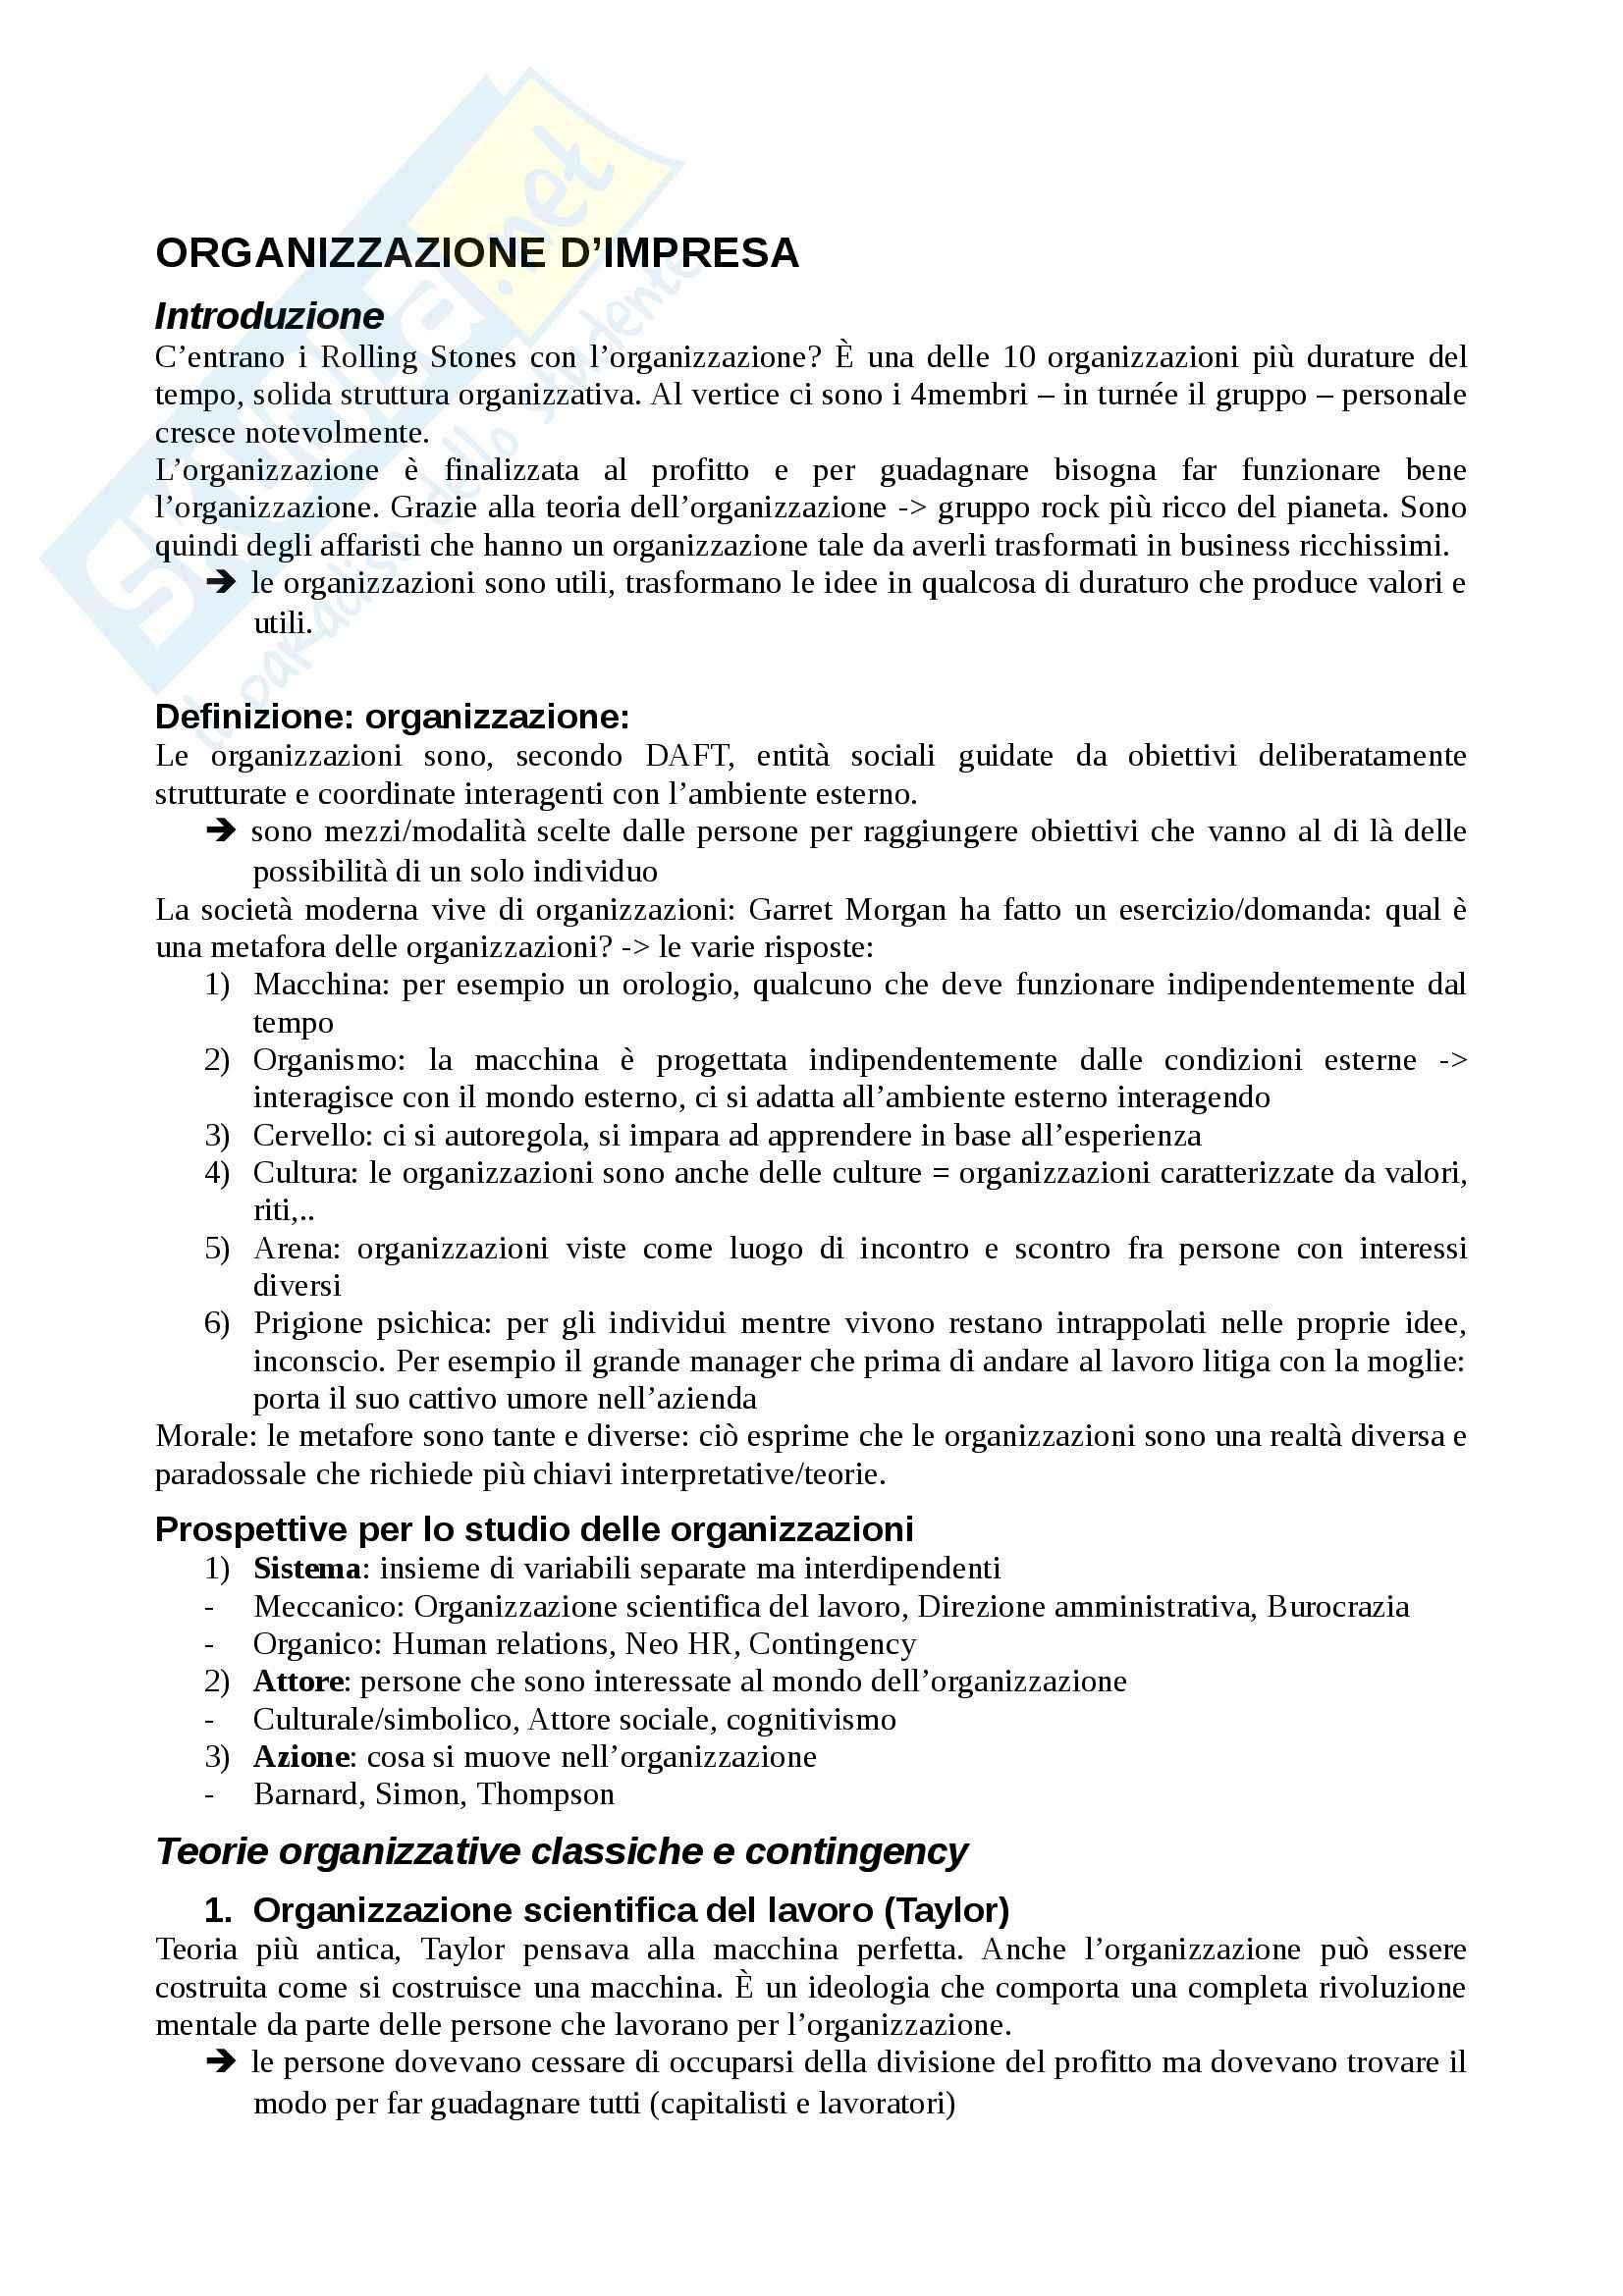 Organizzazione d'impresa - Appunti